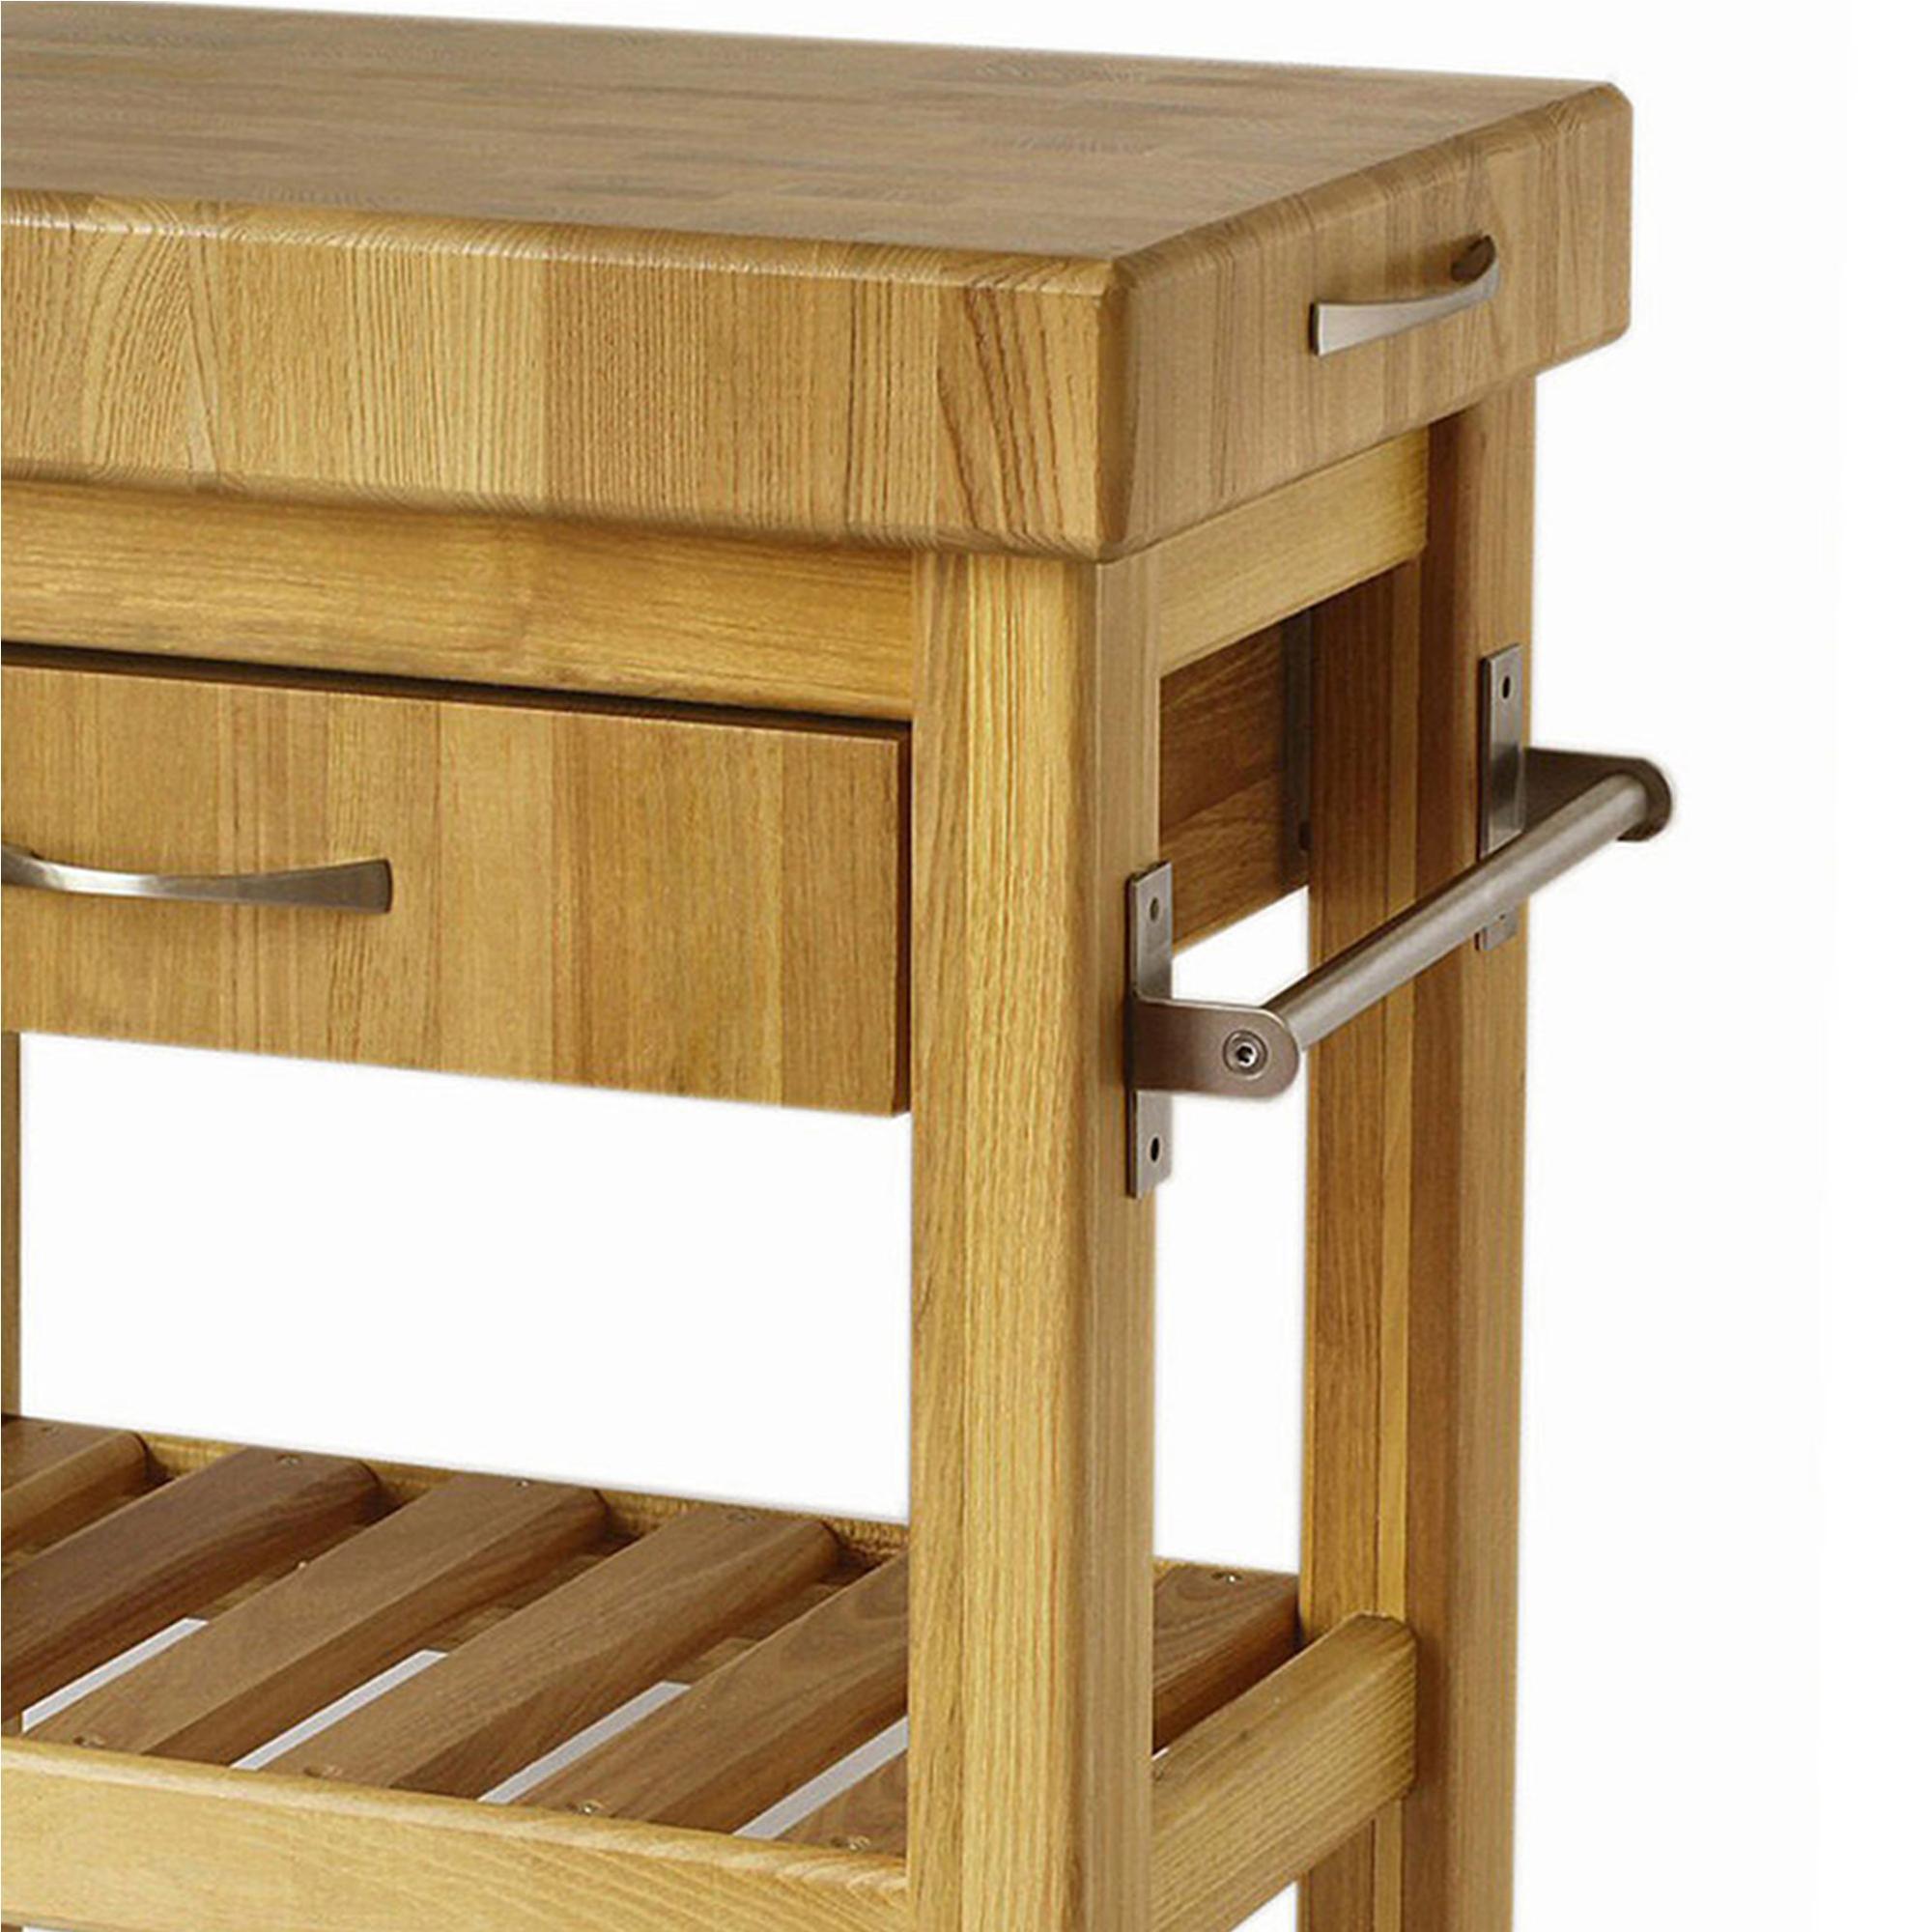 Carrello da cucina in legno massello con cassetto 60x40xh85 cm con tagliere  in legno | Spagnoli snc